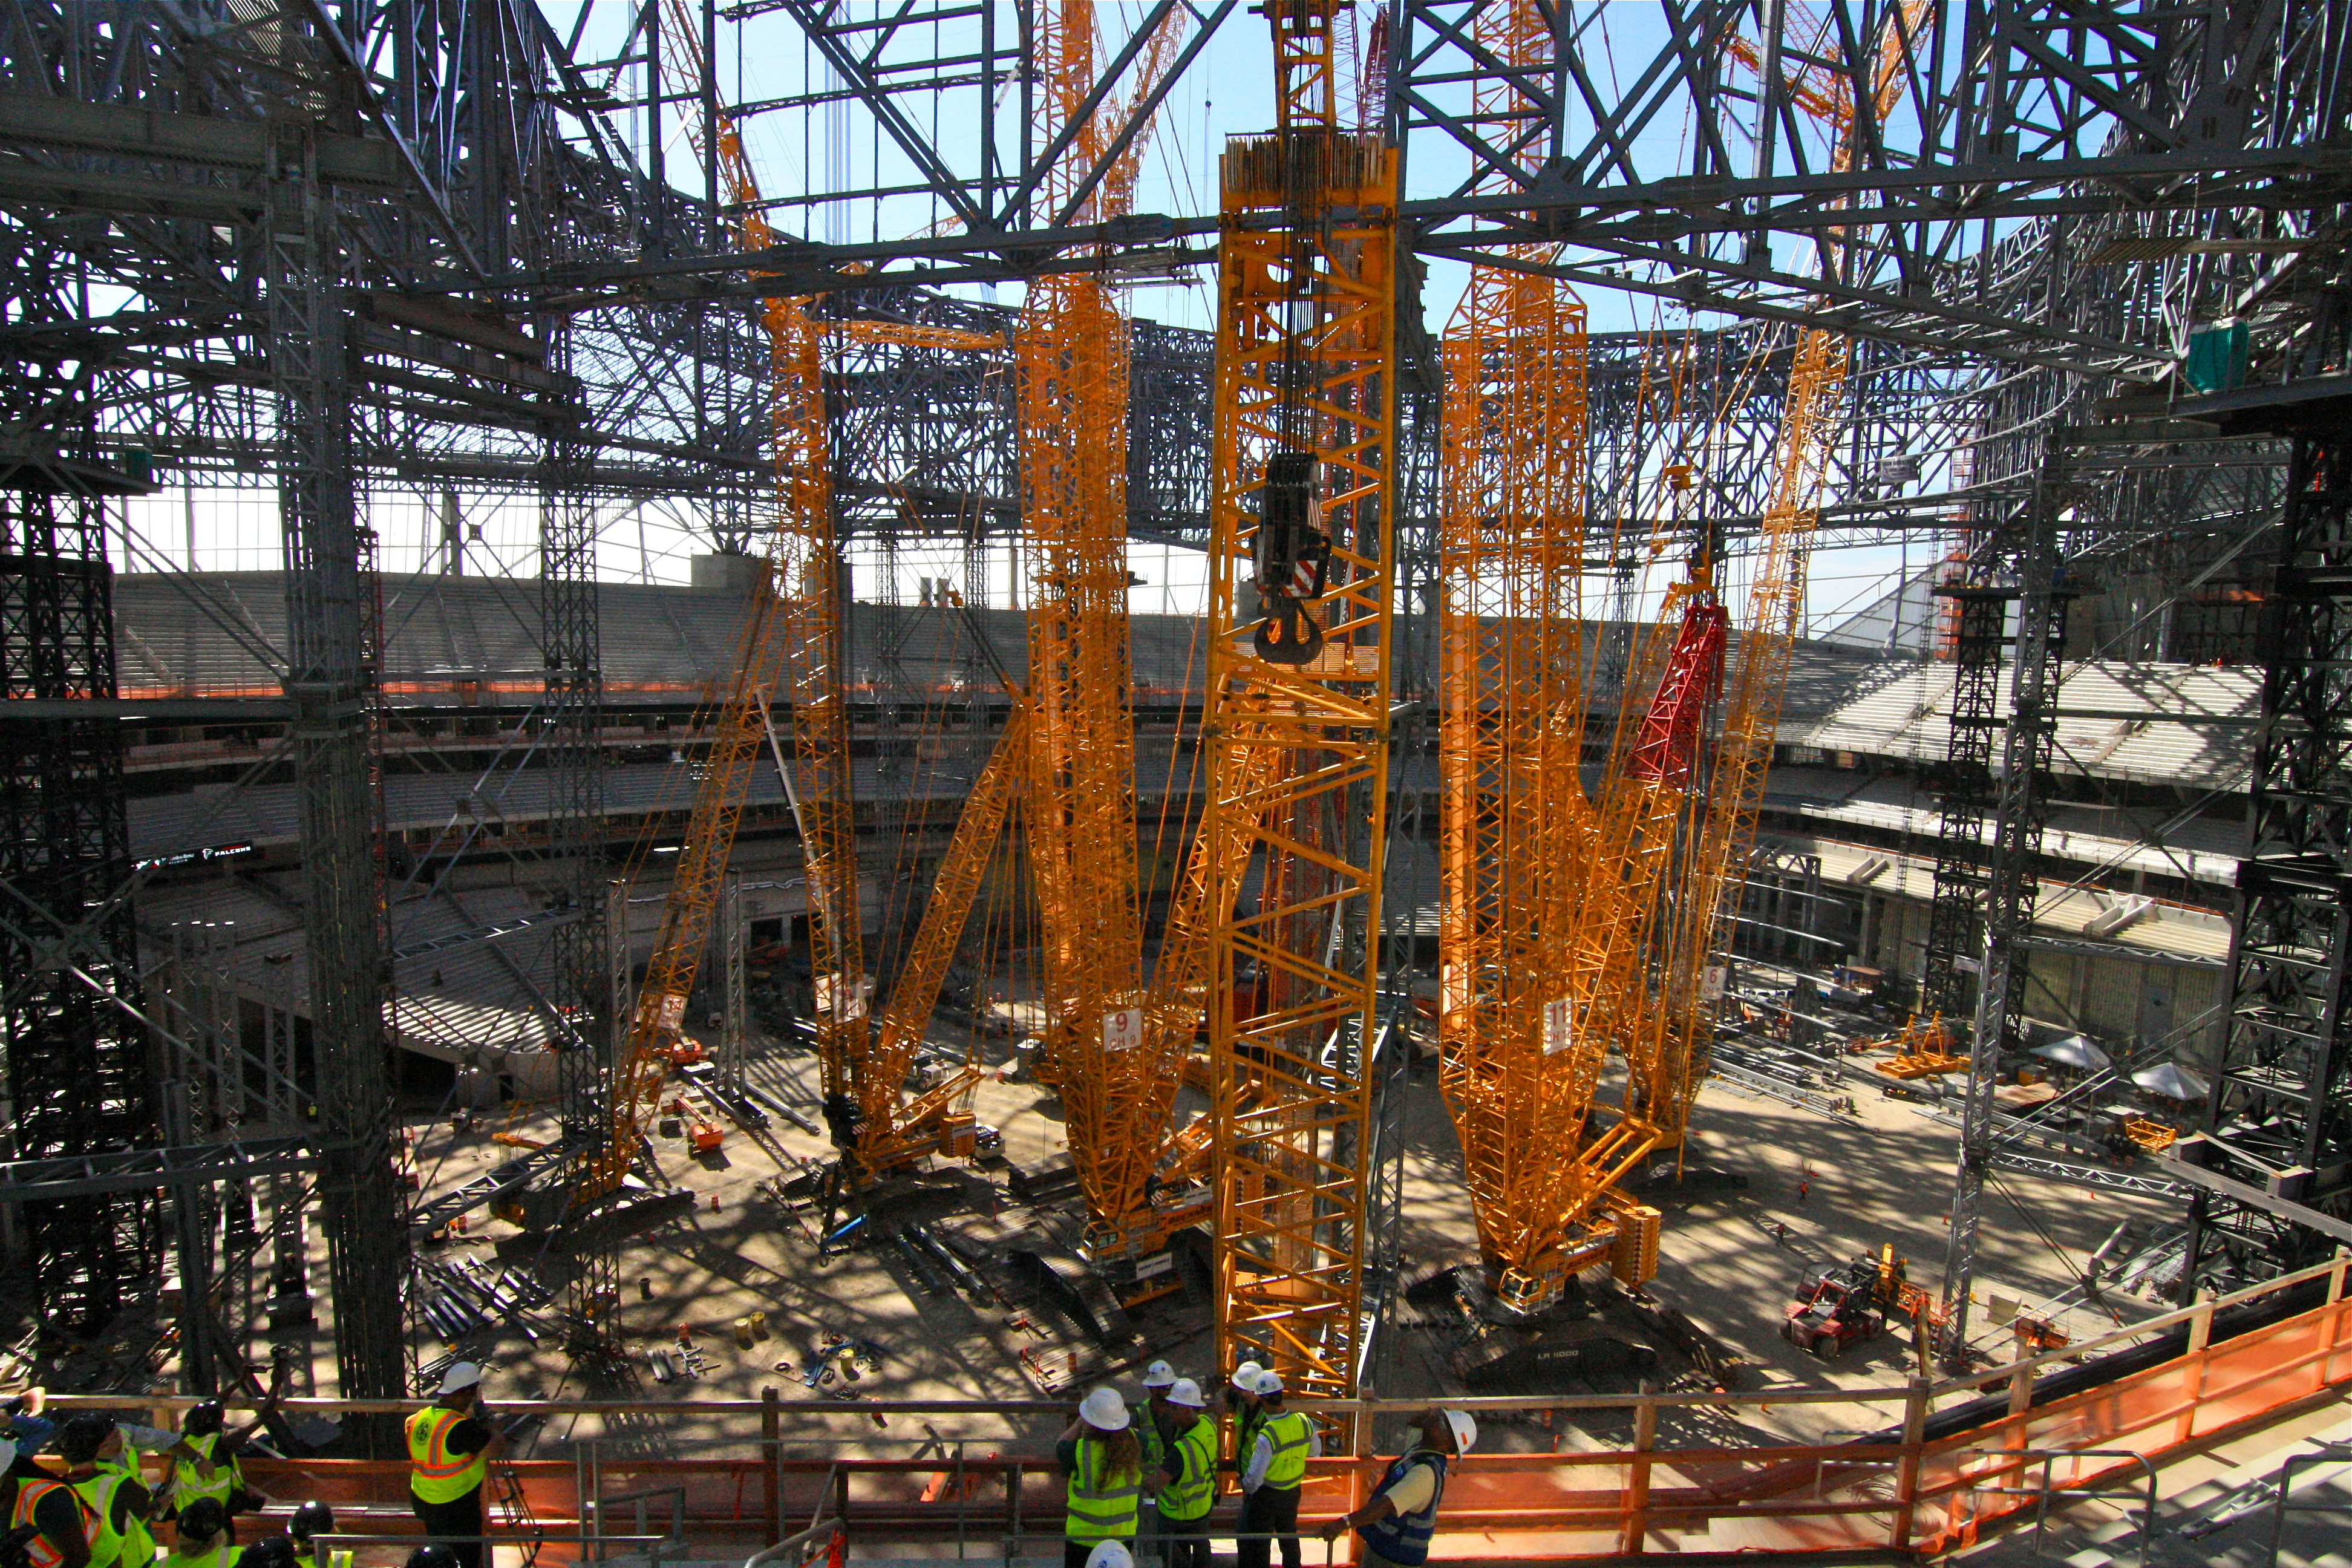 Inside the Atlanta Falcons' new stadium today.